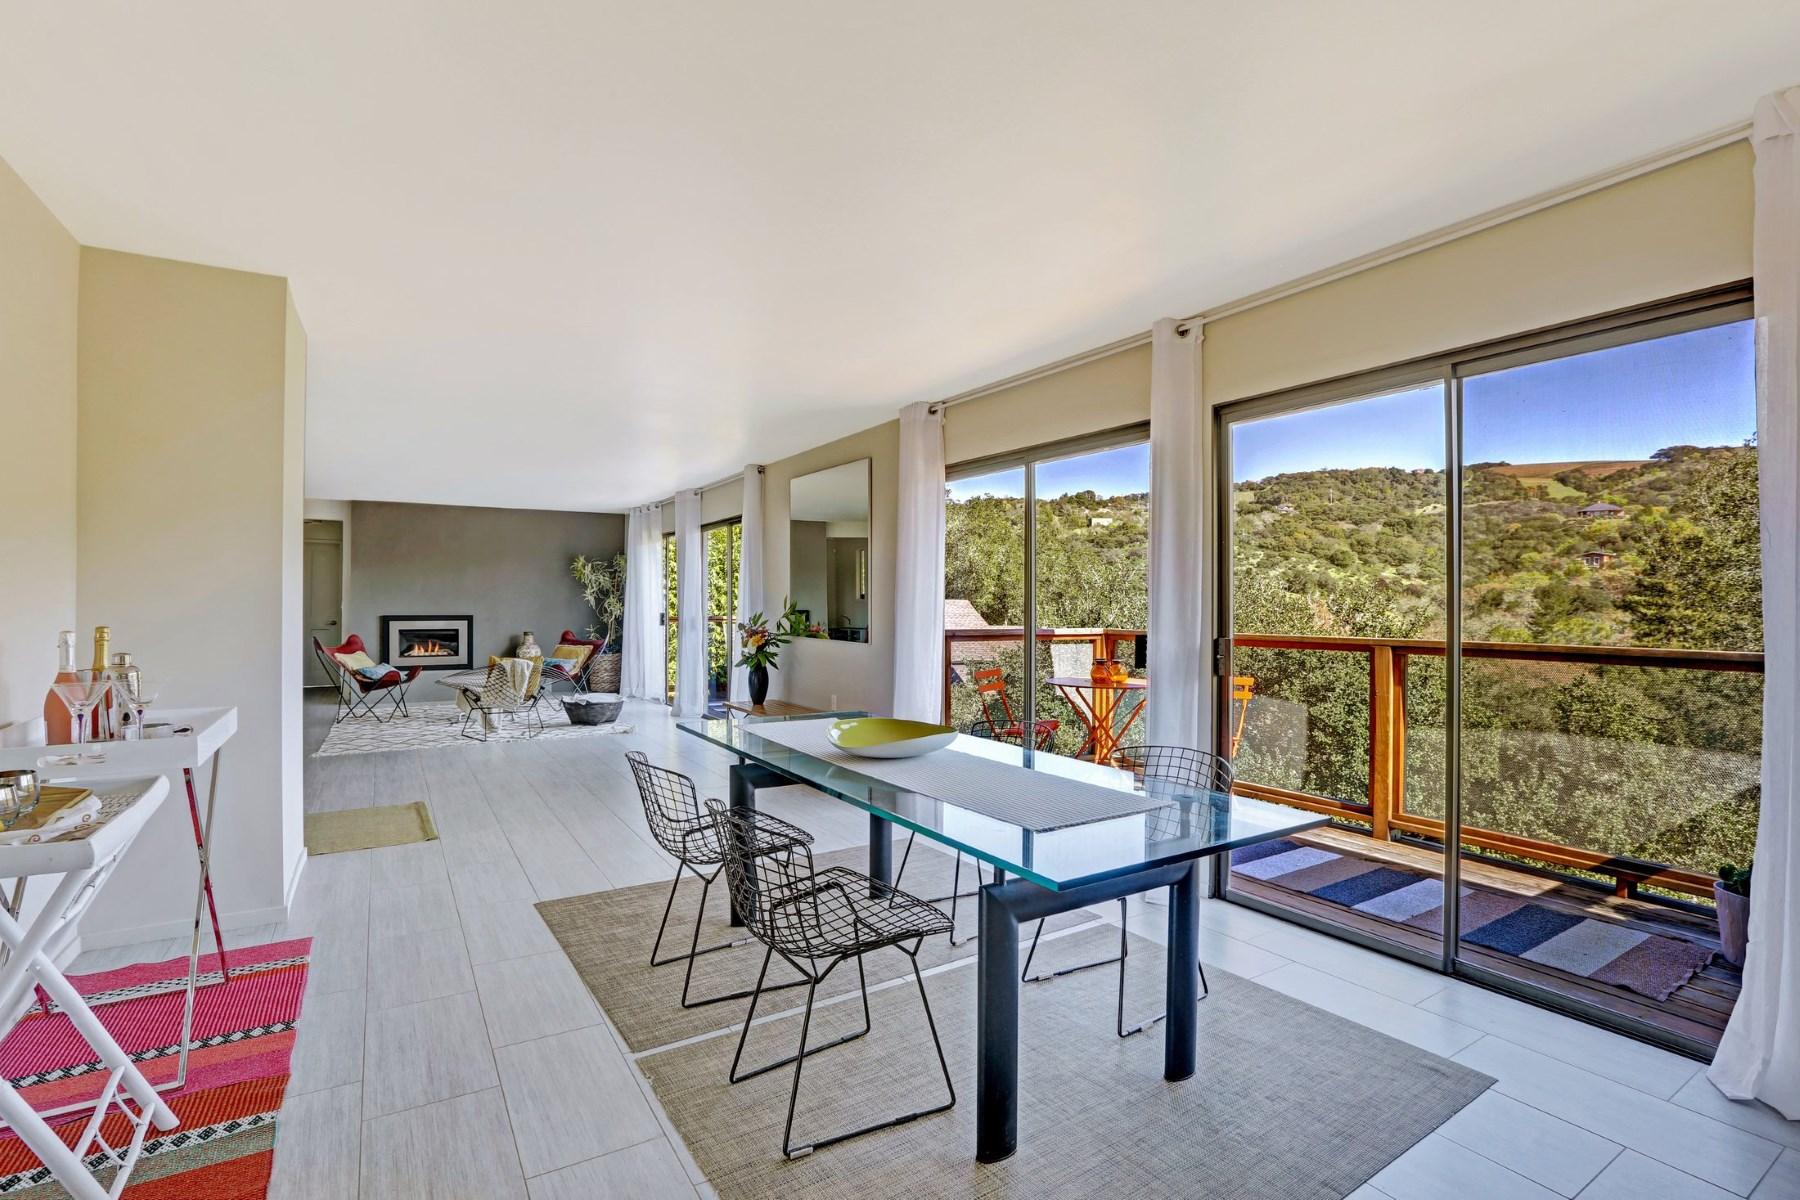 Maison unifamiliale pour l Vente à Stunning Renovation and Views 17140 Keaton Ave Sonoma, Californie, 95476 États-Unis